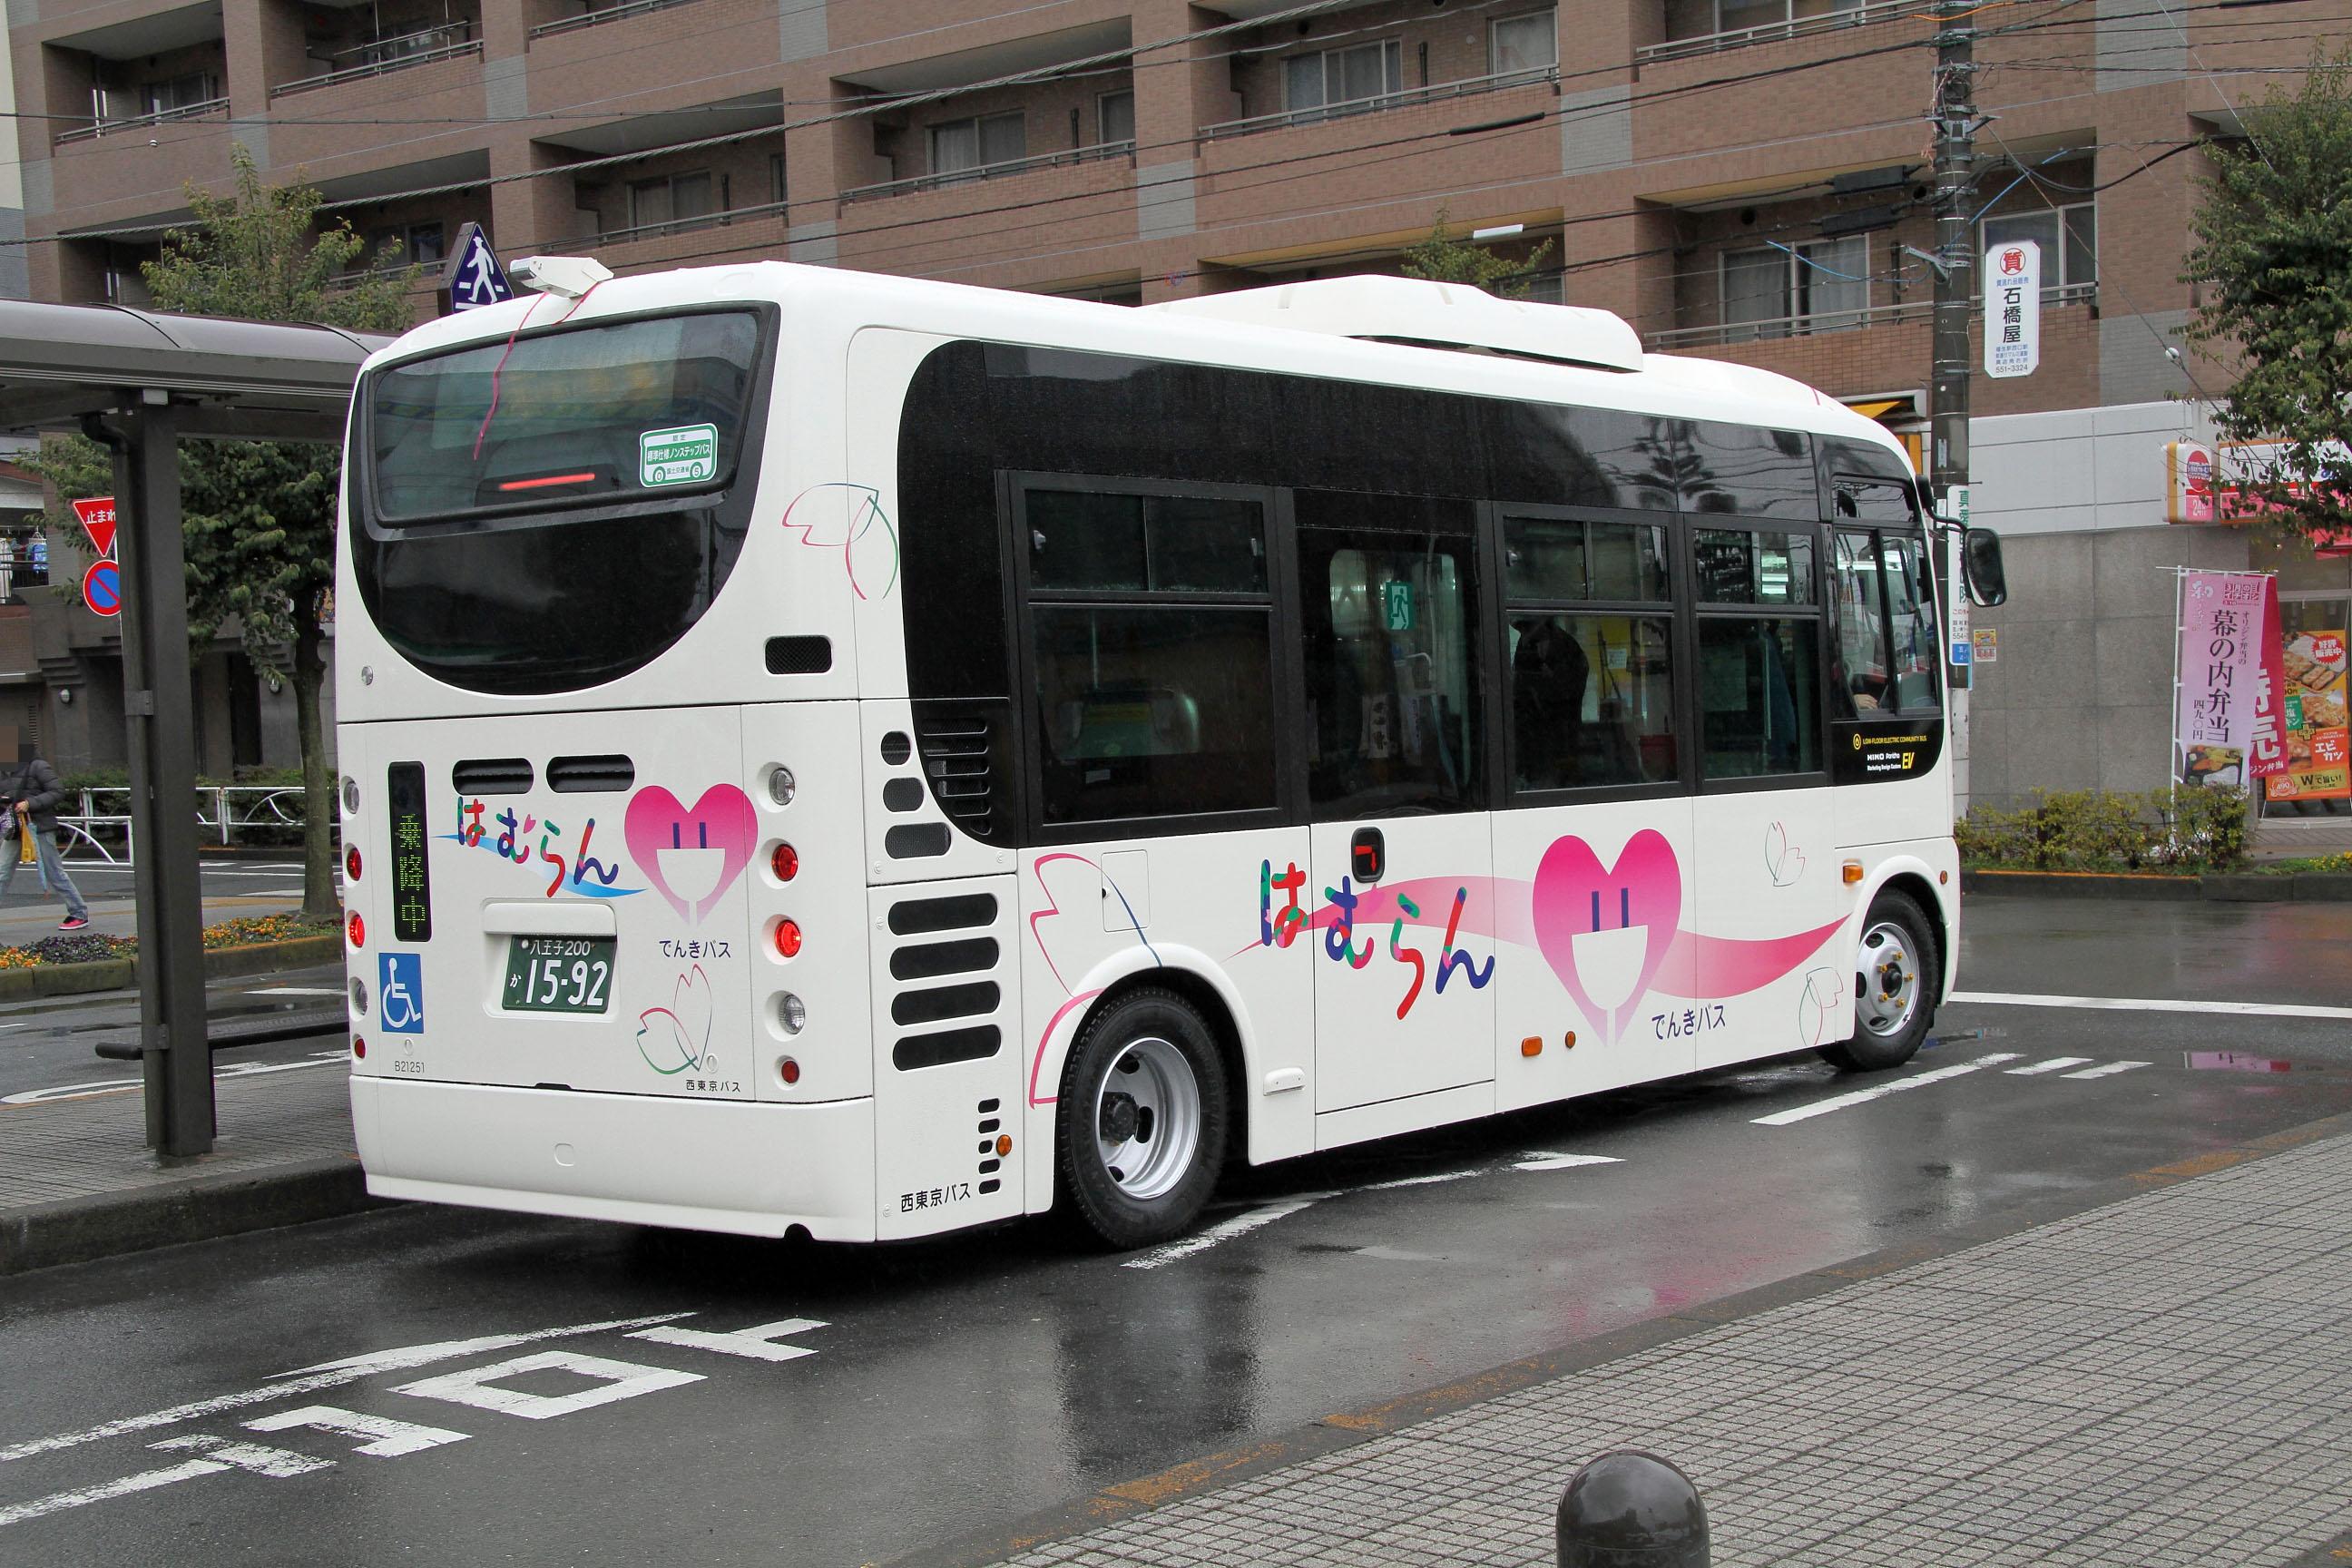 Tokyo to Nagano, Tokyo to Myoko, Tokyo to Nozawa, Tokyo to